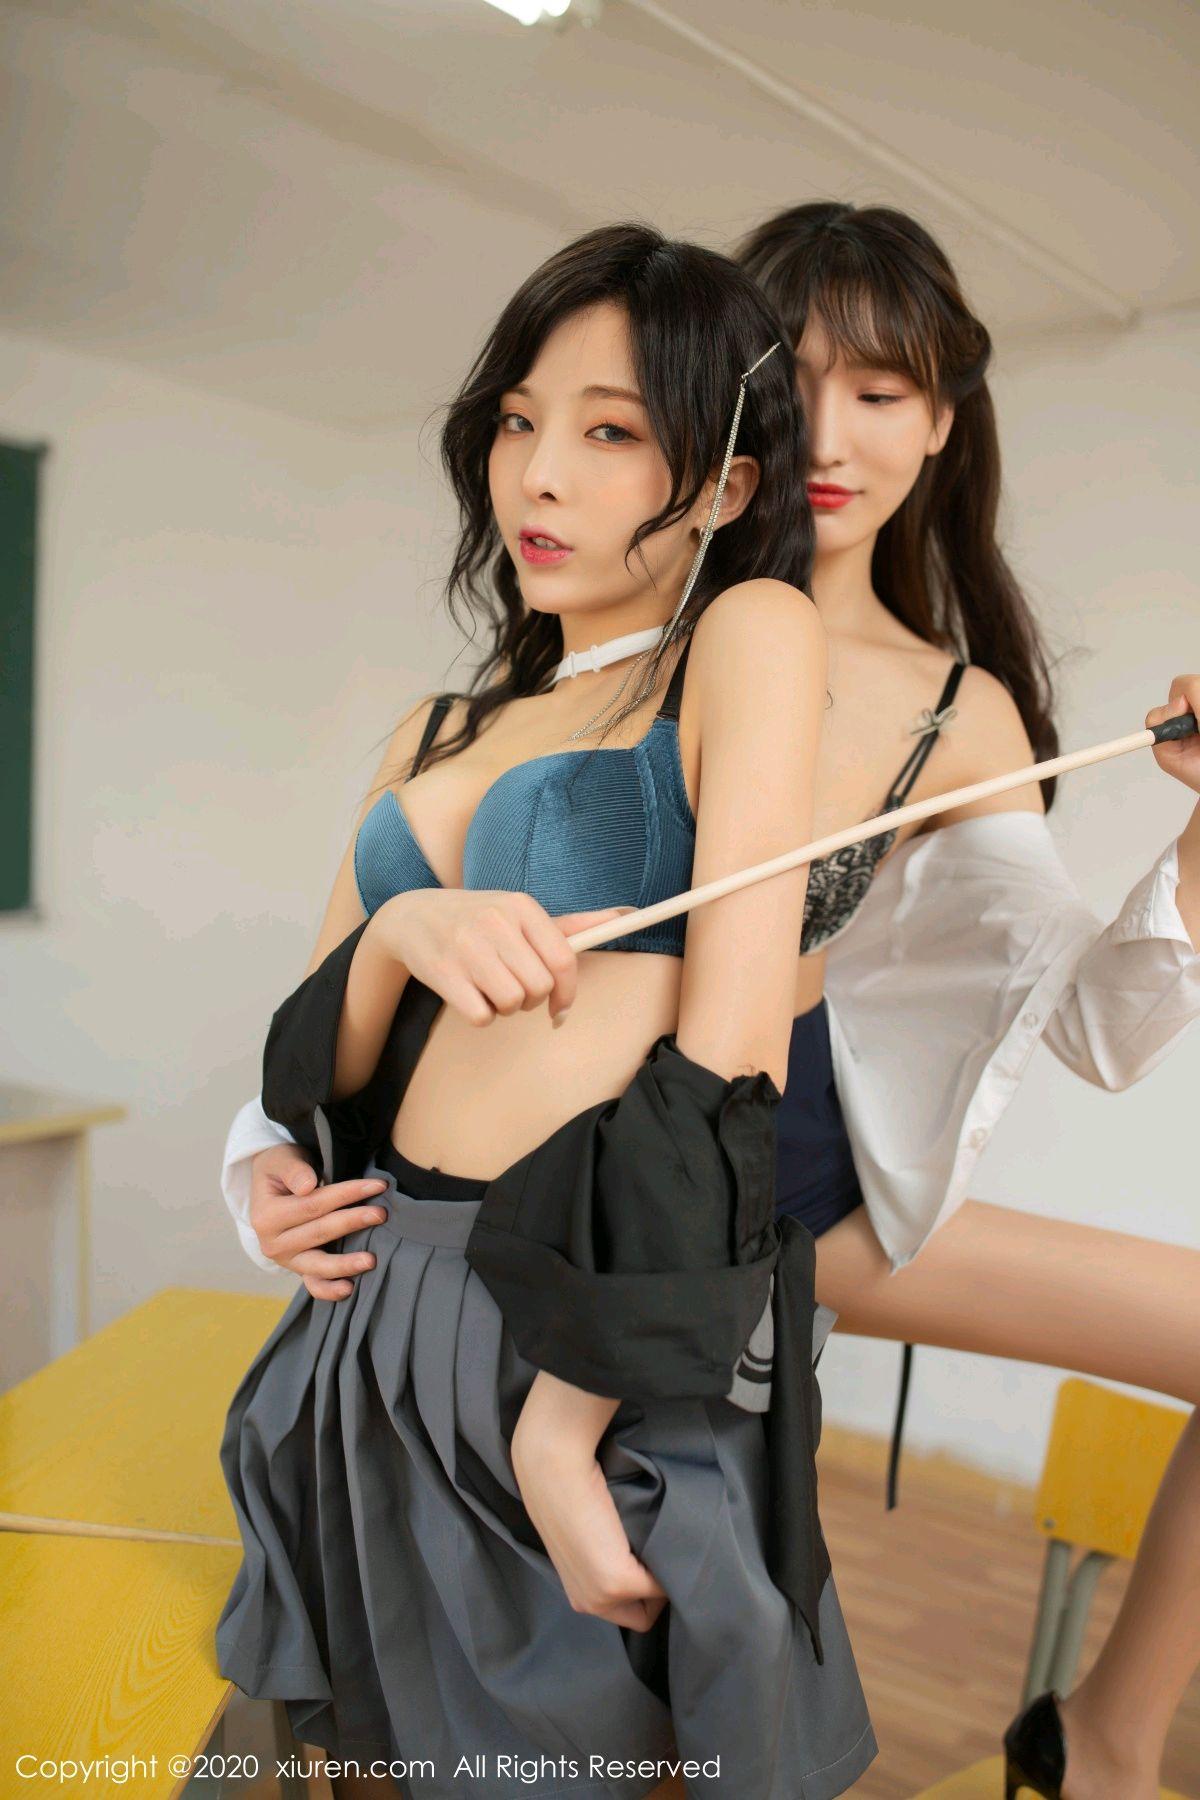 [XiuRen] Vol.2420 Chen Xiao Miao and Lu Xuan Xuan 63P, Chen Xiao Miao, Lu Xuan Xuan, School Uniform, Sisters, Xiuren